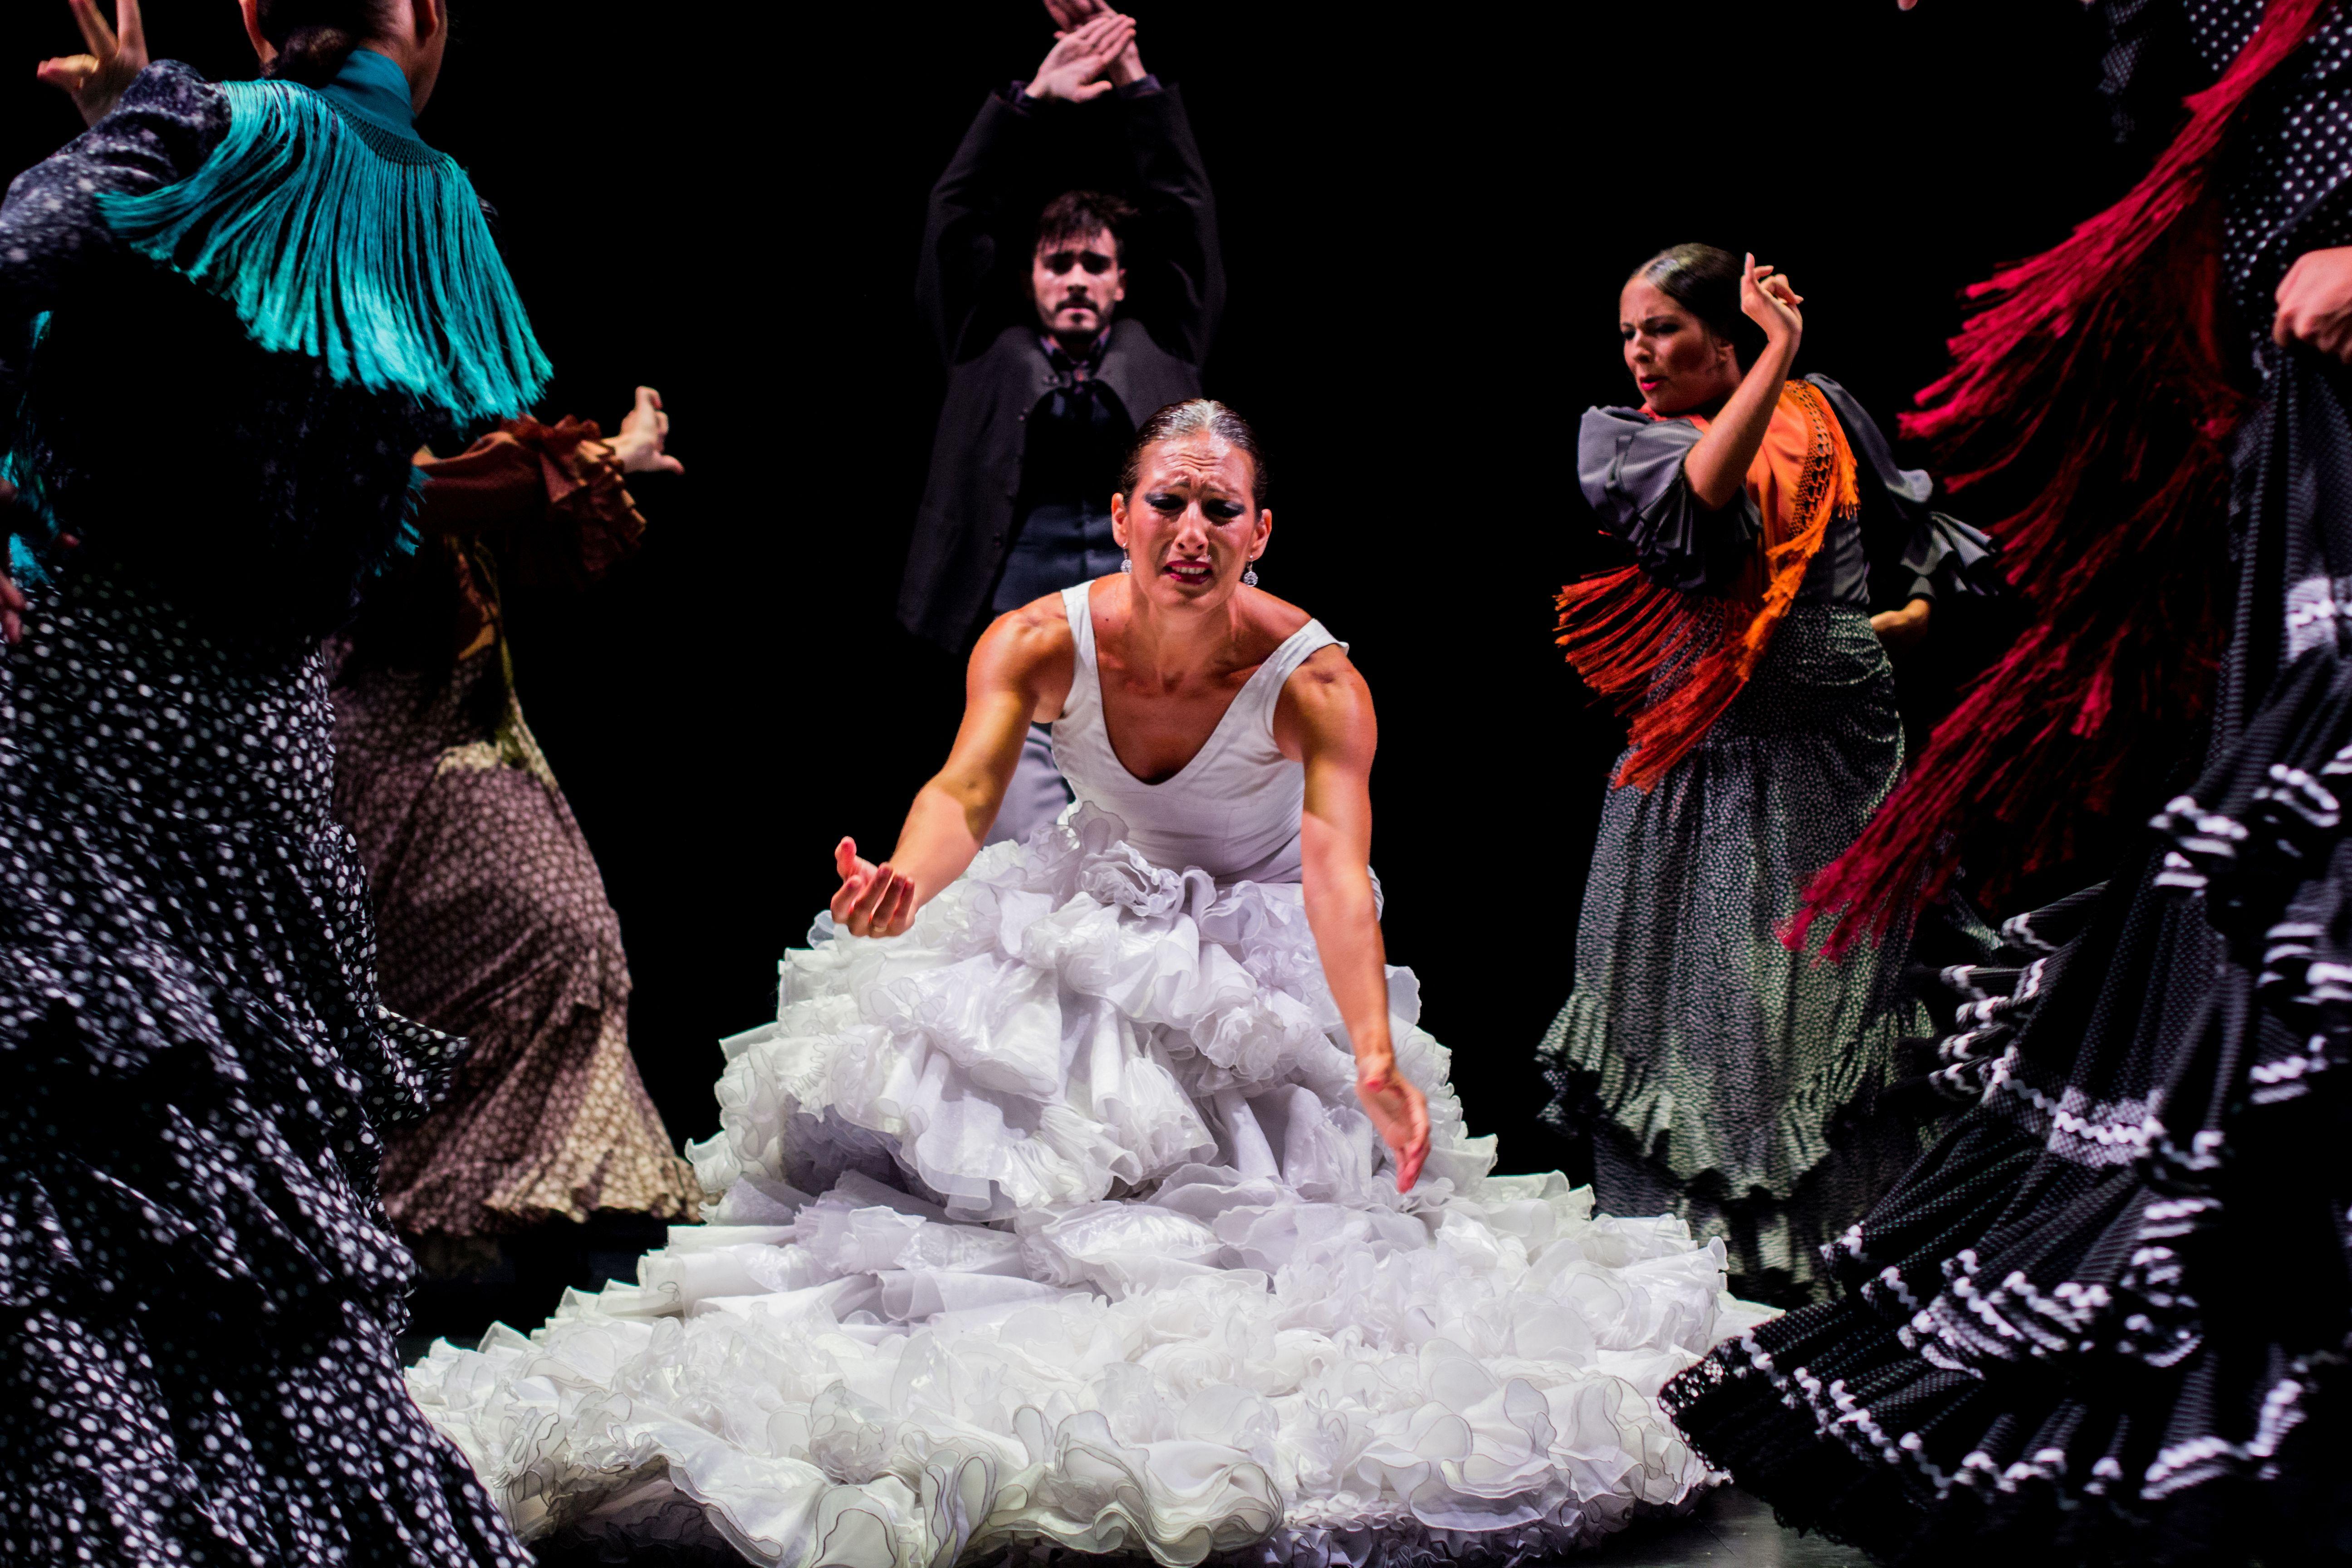 El Teatro Alhambra acoge el espectáculo '25 aniversario' del Ballet Flamenco de Andalucía